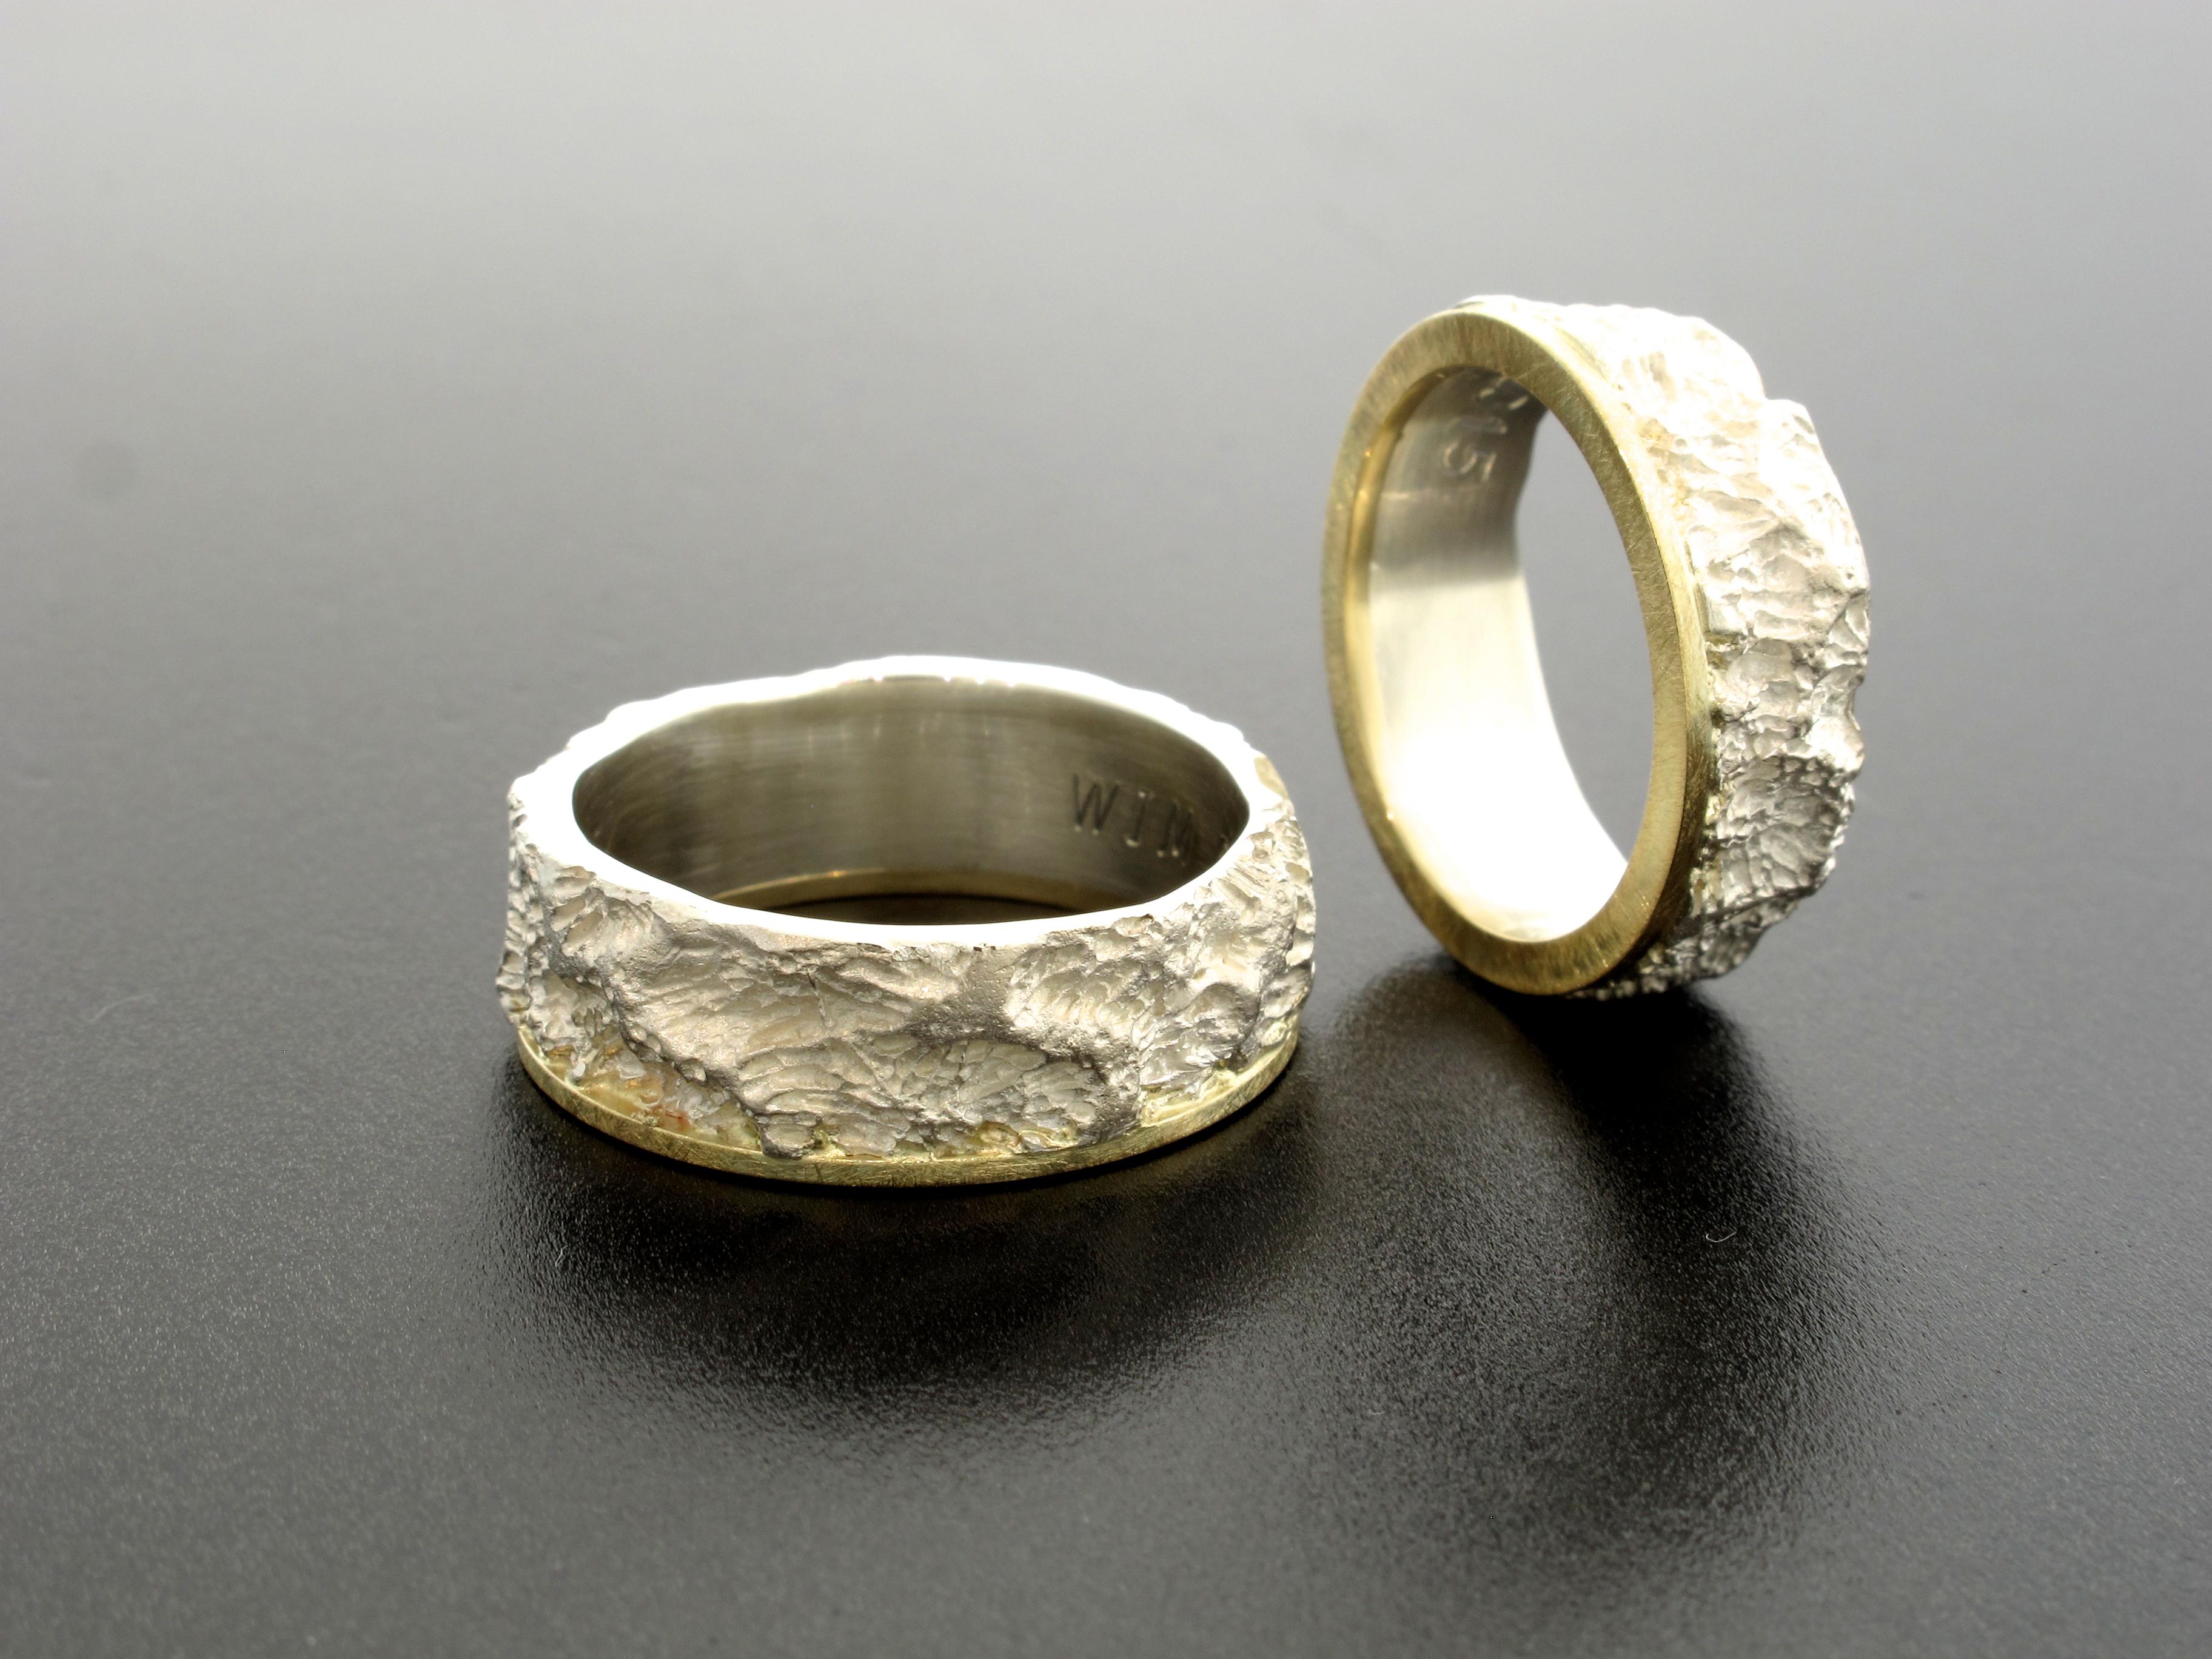 geelgoud en zilver